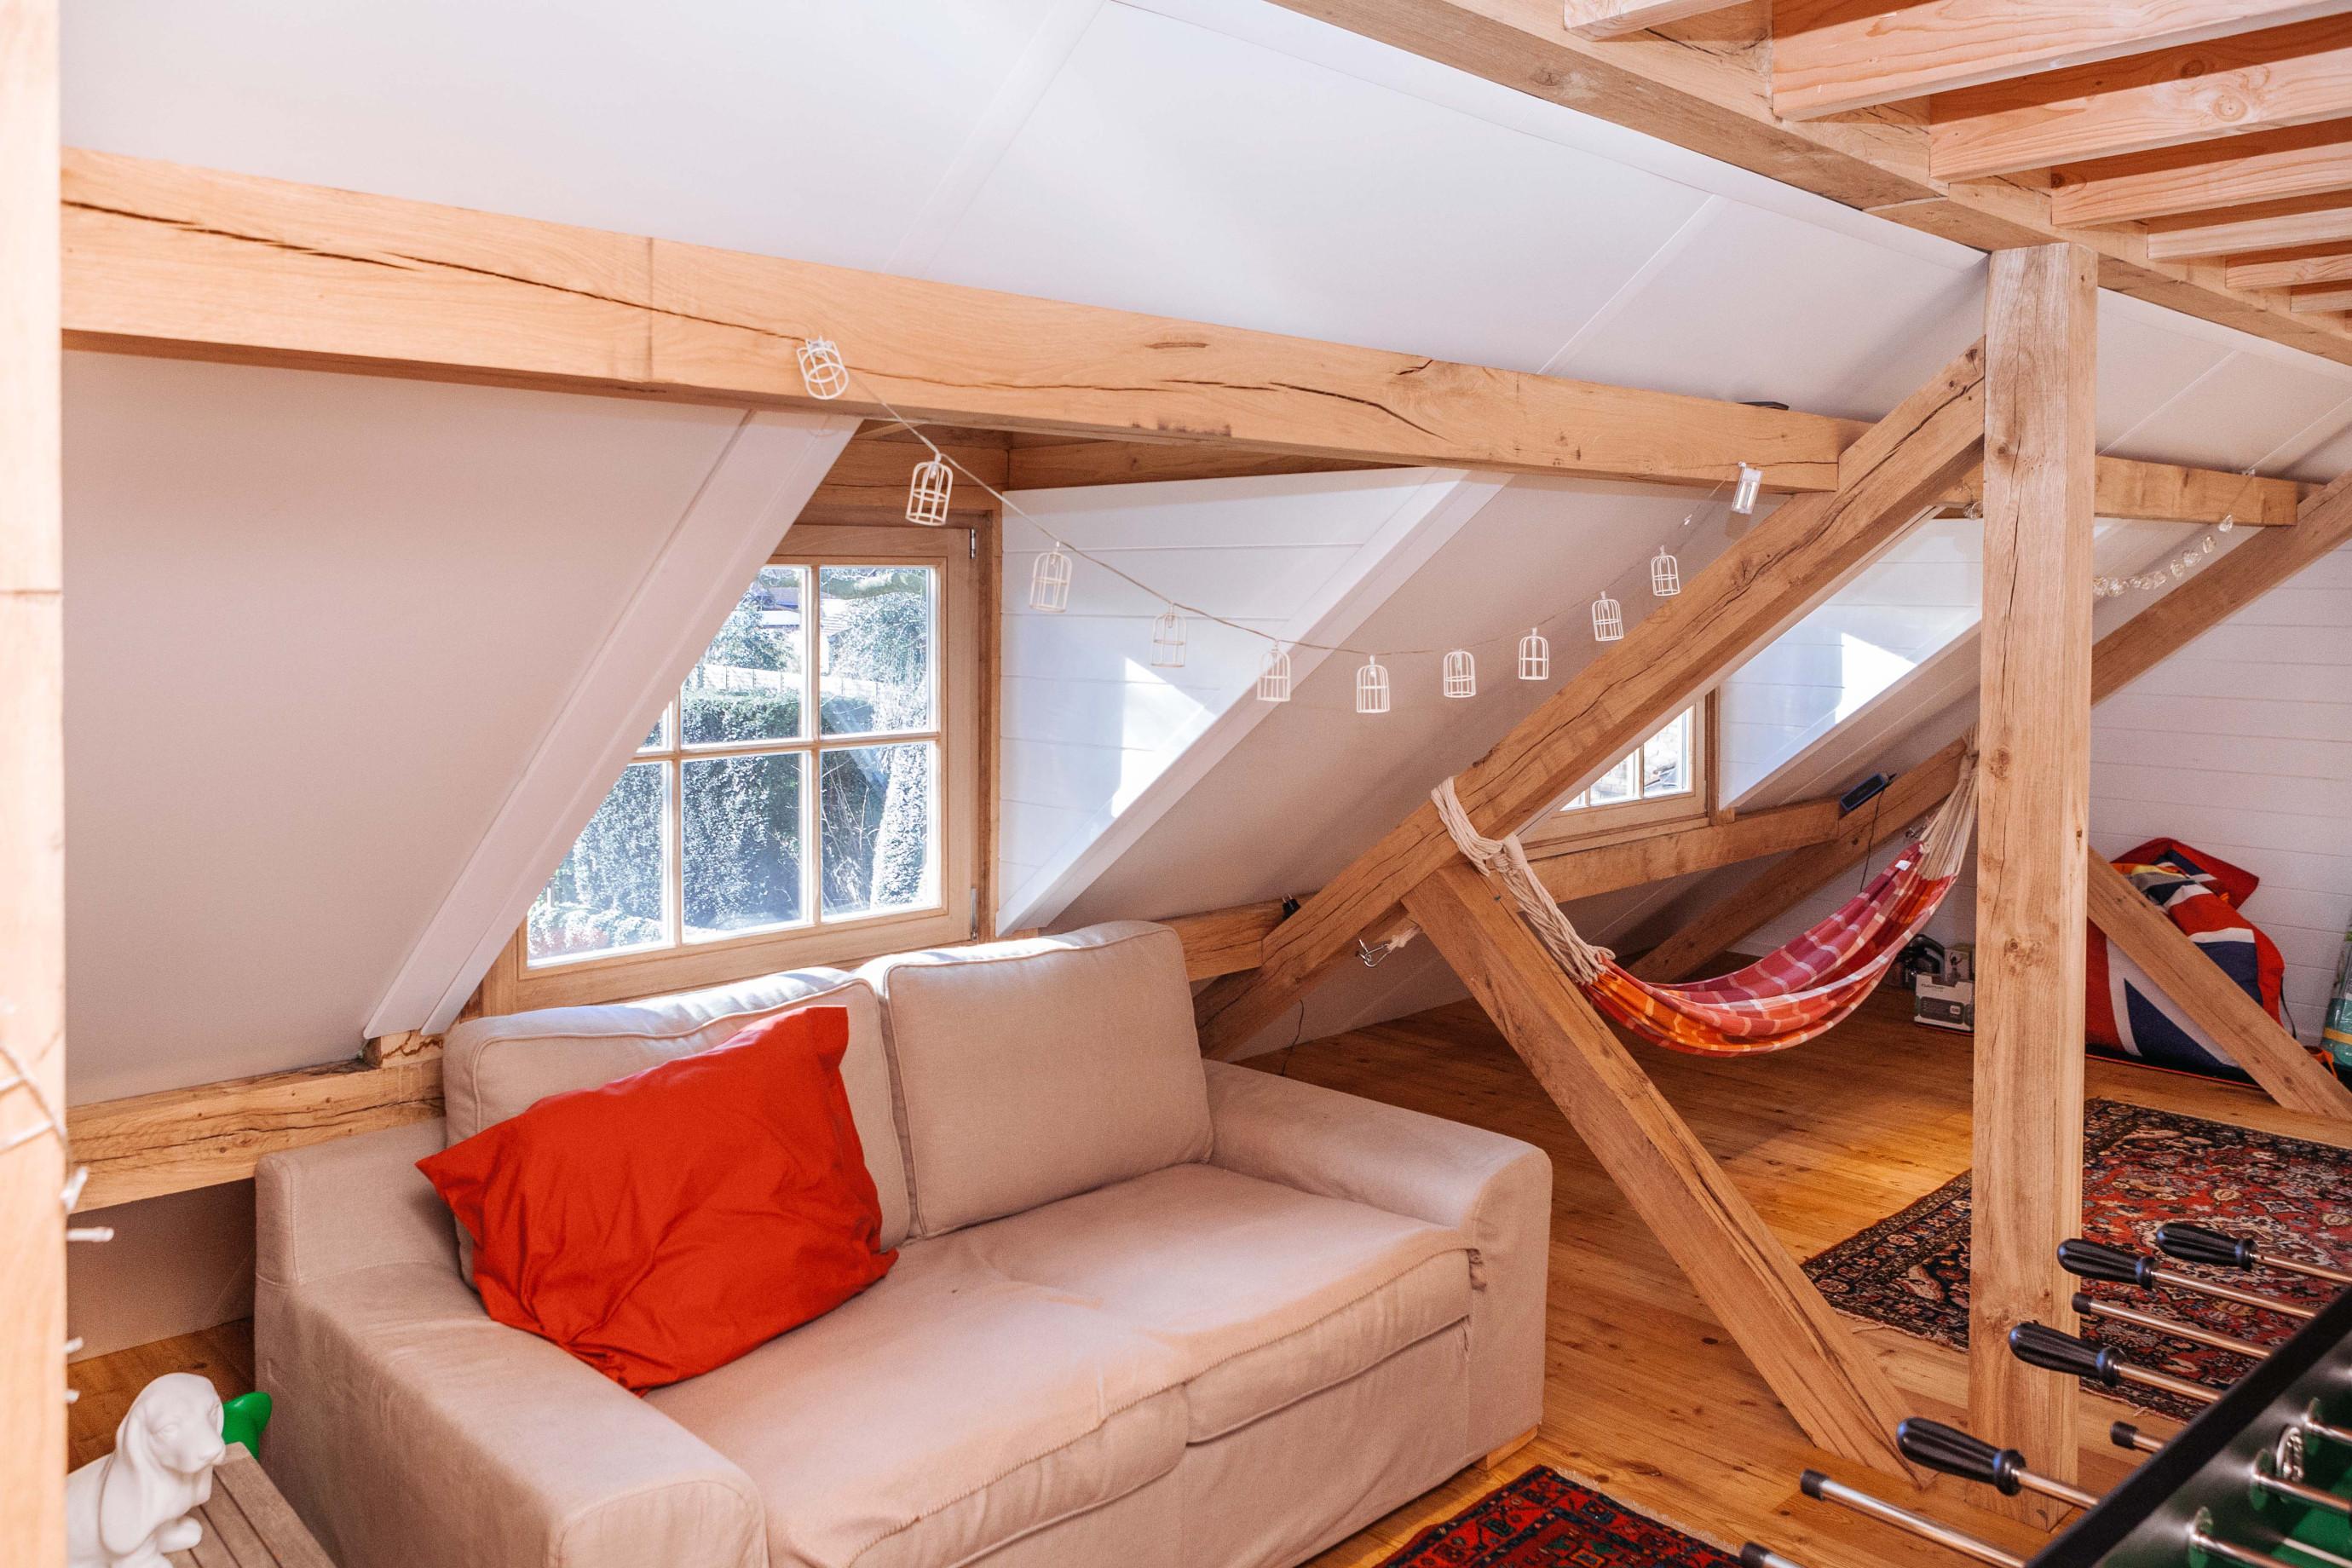 Het interieur van deze eiken carport met guest house werd prachtig afgewerkt door Vanhauwood. Voor de opbouw van de carport met guest house werd gebruik gemaakt van een eiken houten zelfbouwpakket vervaardigd door Cornelis Hout.